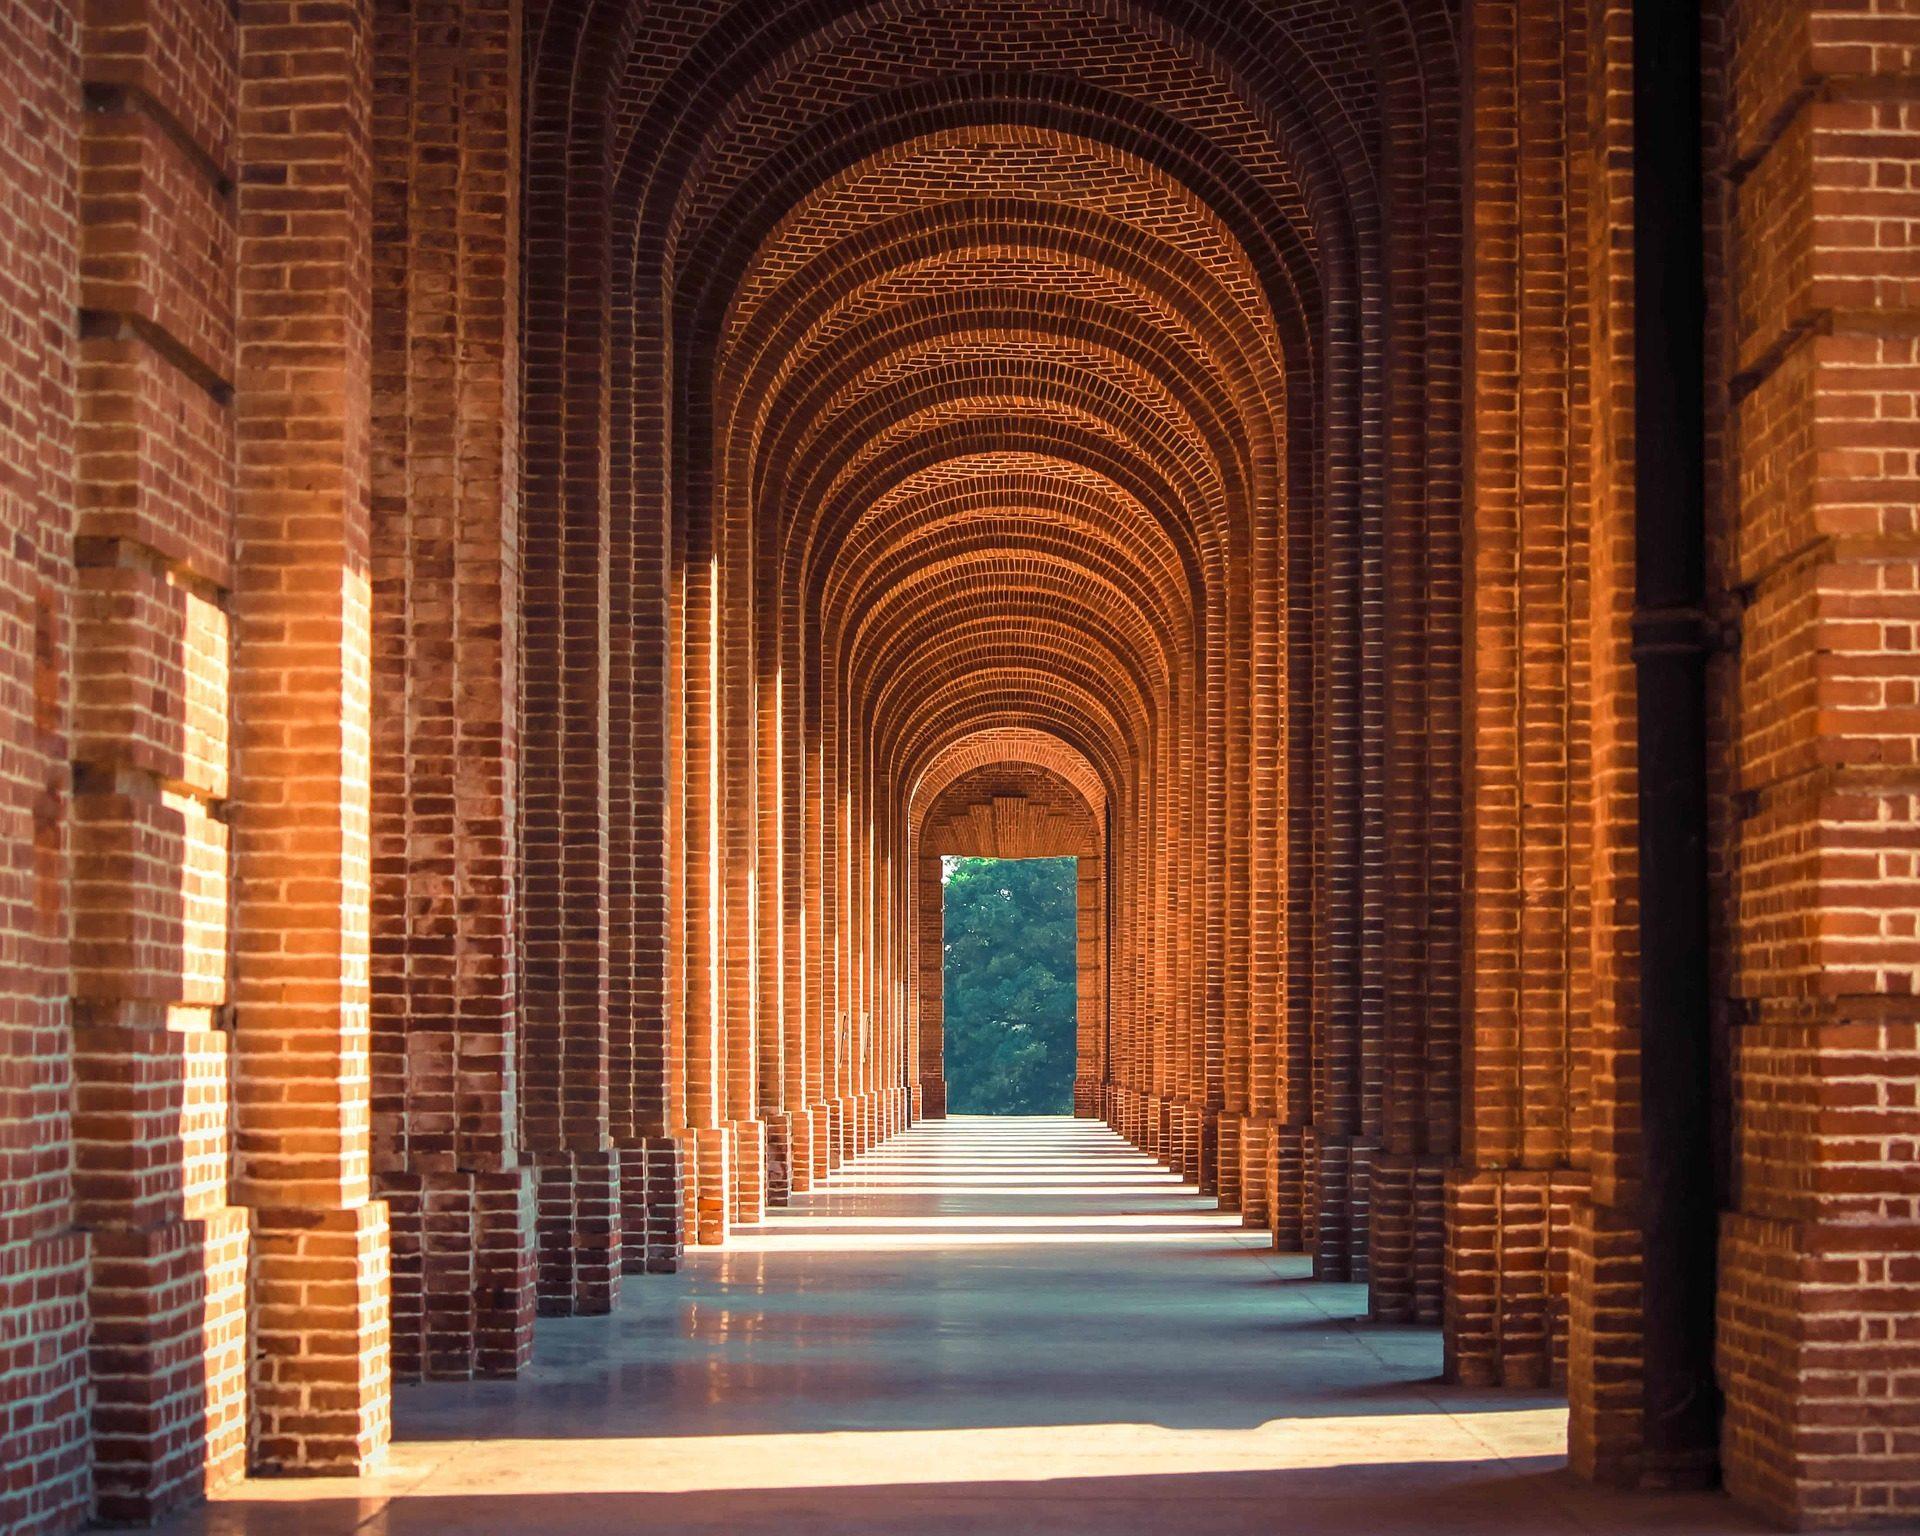 passage, Hall, Arcos, colonnes, briques - Fonds d'écran HD - Professor-falken.com